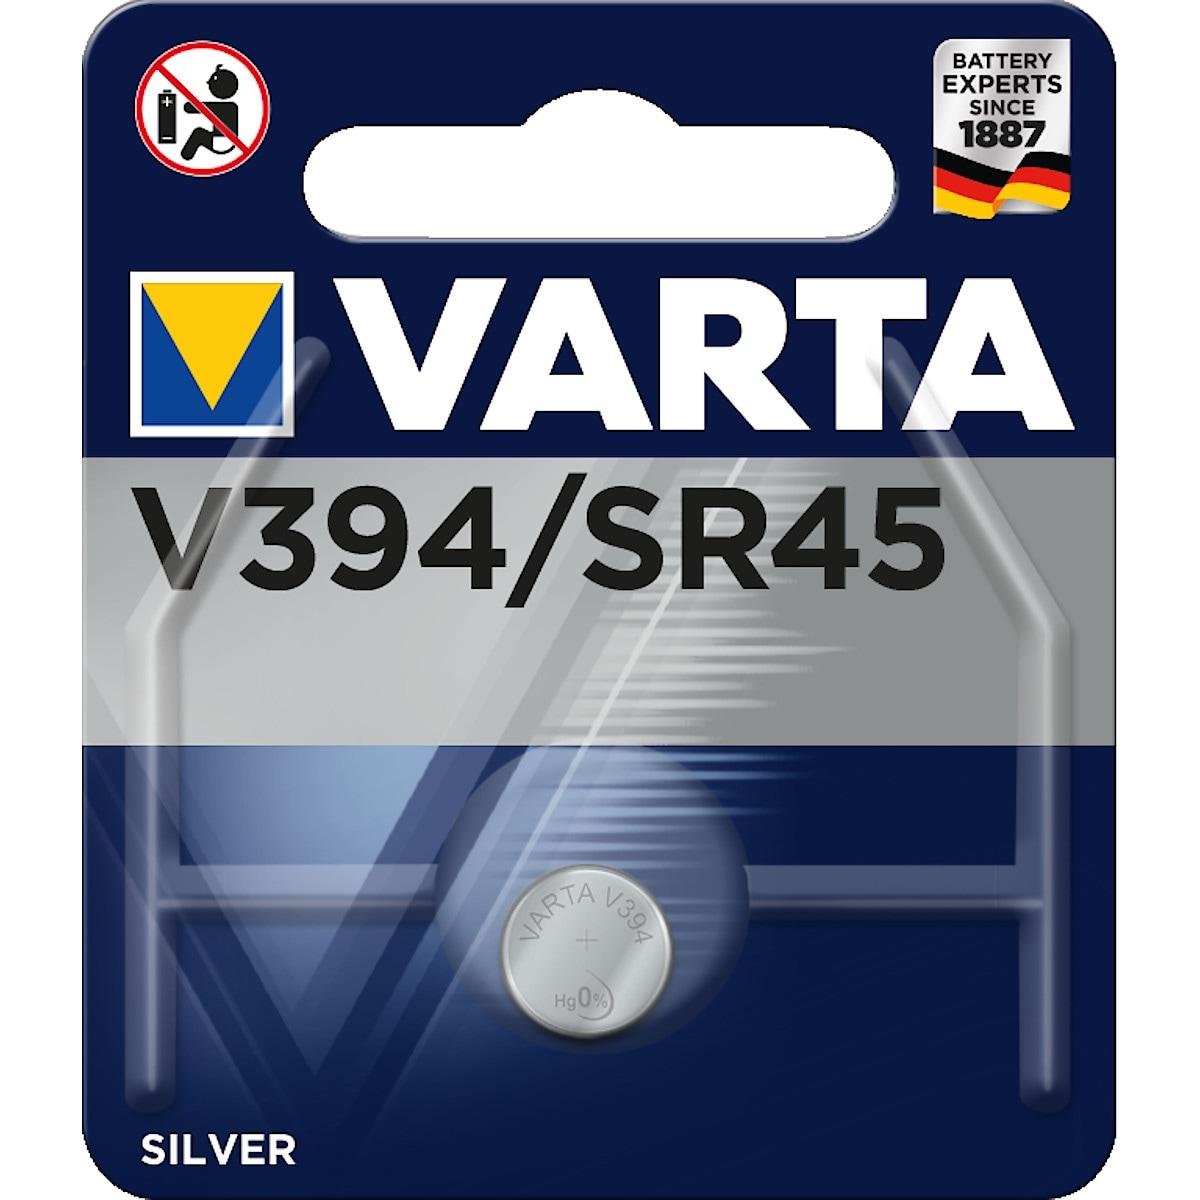 Knappcellsbatteri V394/SR45 VARTA